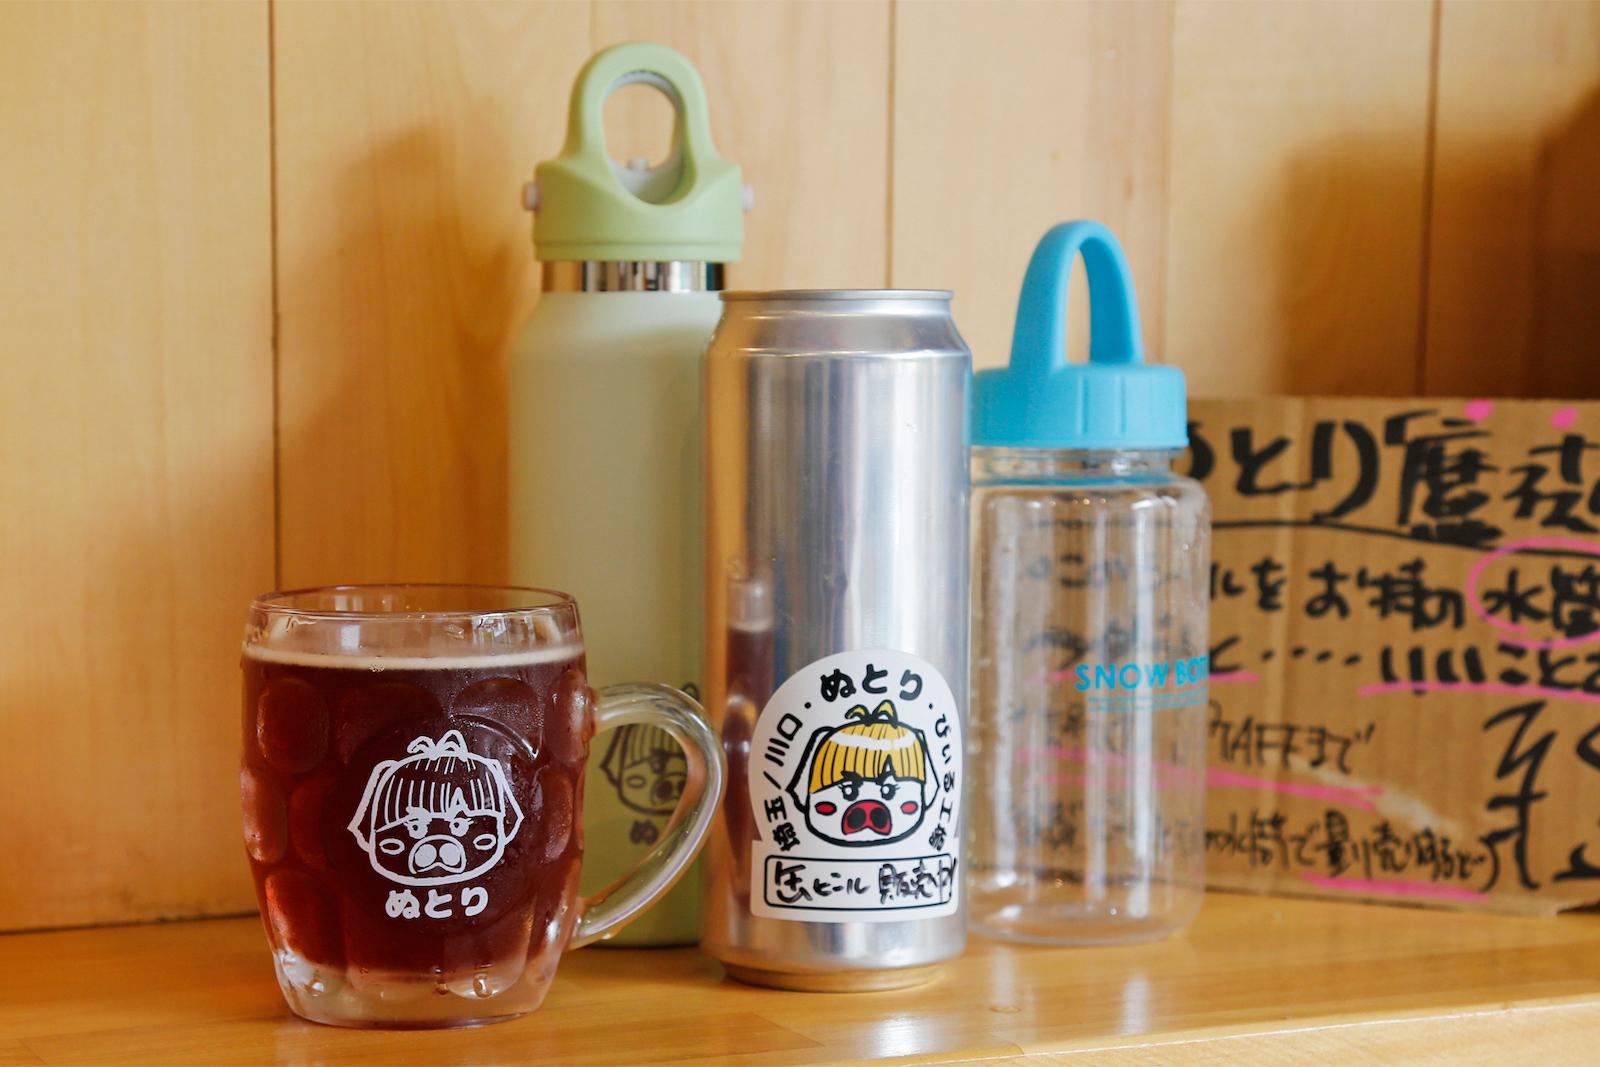 テイクアウトは缶ビール、持参した水筒、ボトルでも可、自由に量り売りしてくれる。